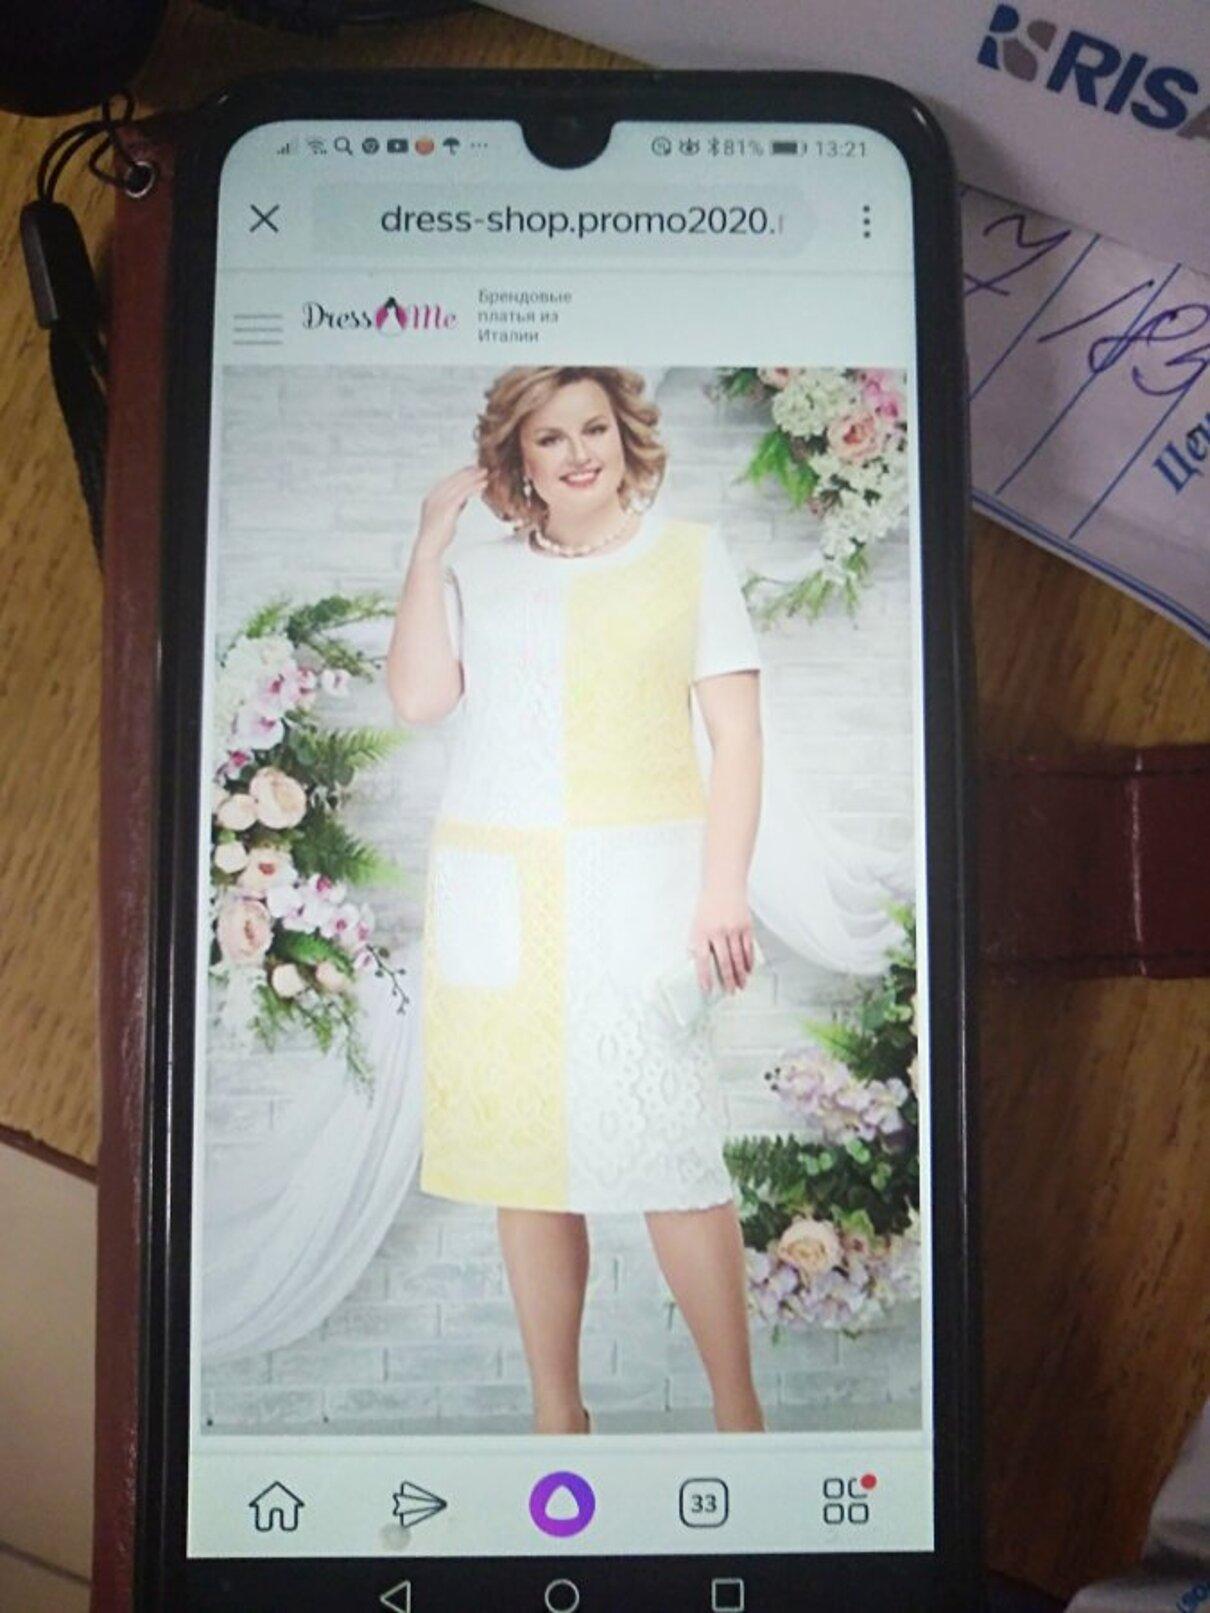 """Жалоба-отзыв: LLC """"Parcels Pro"""" (для ООО """"Честные товары"""" - Заказали два взрослых платья, а пришли два детских.  Фото №3"""